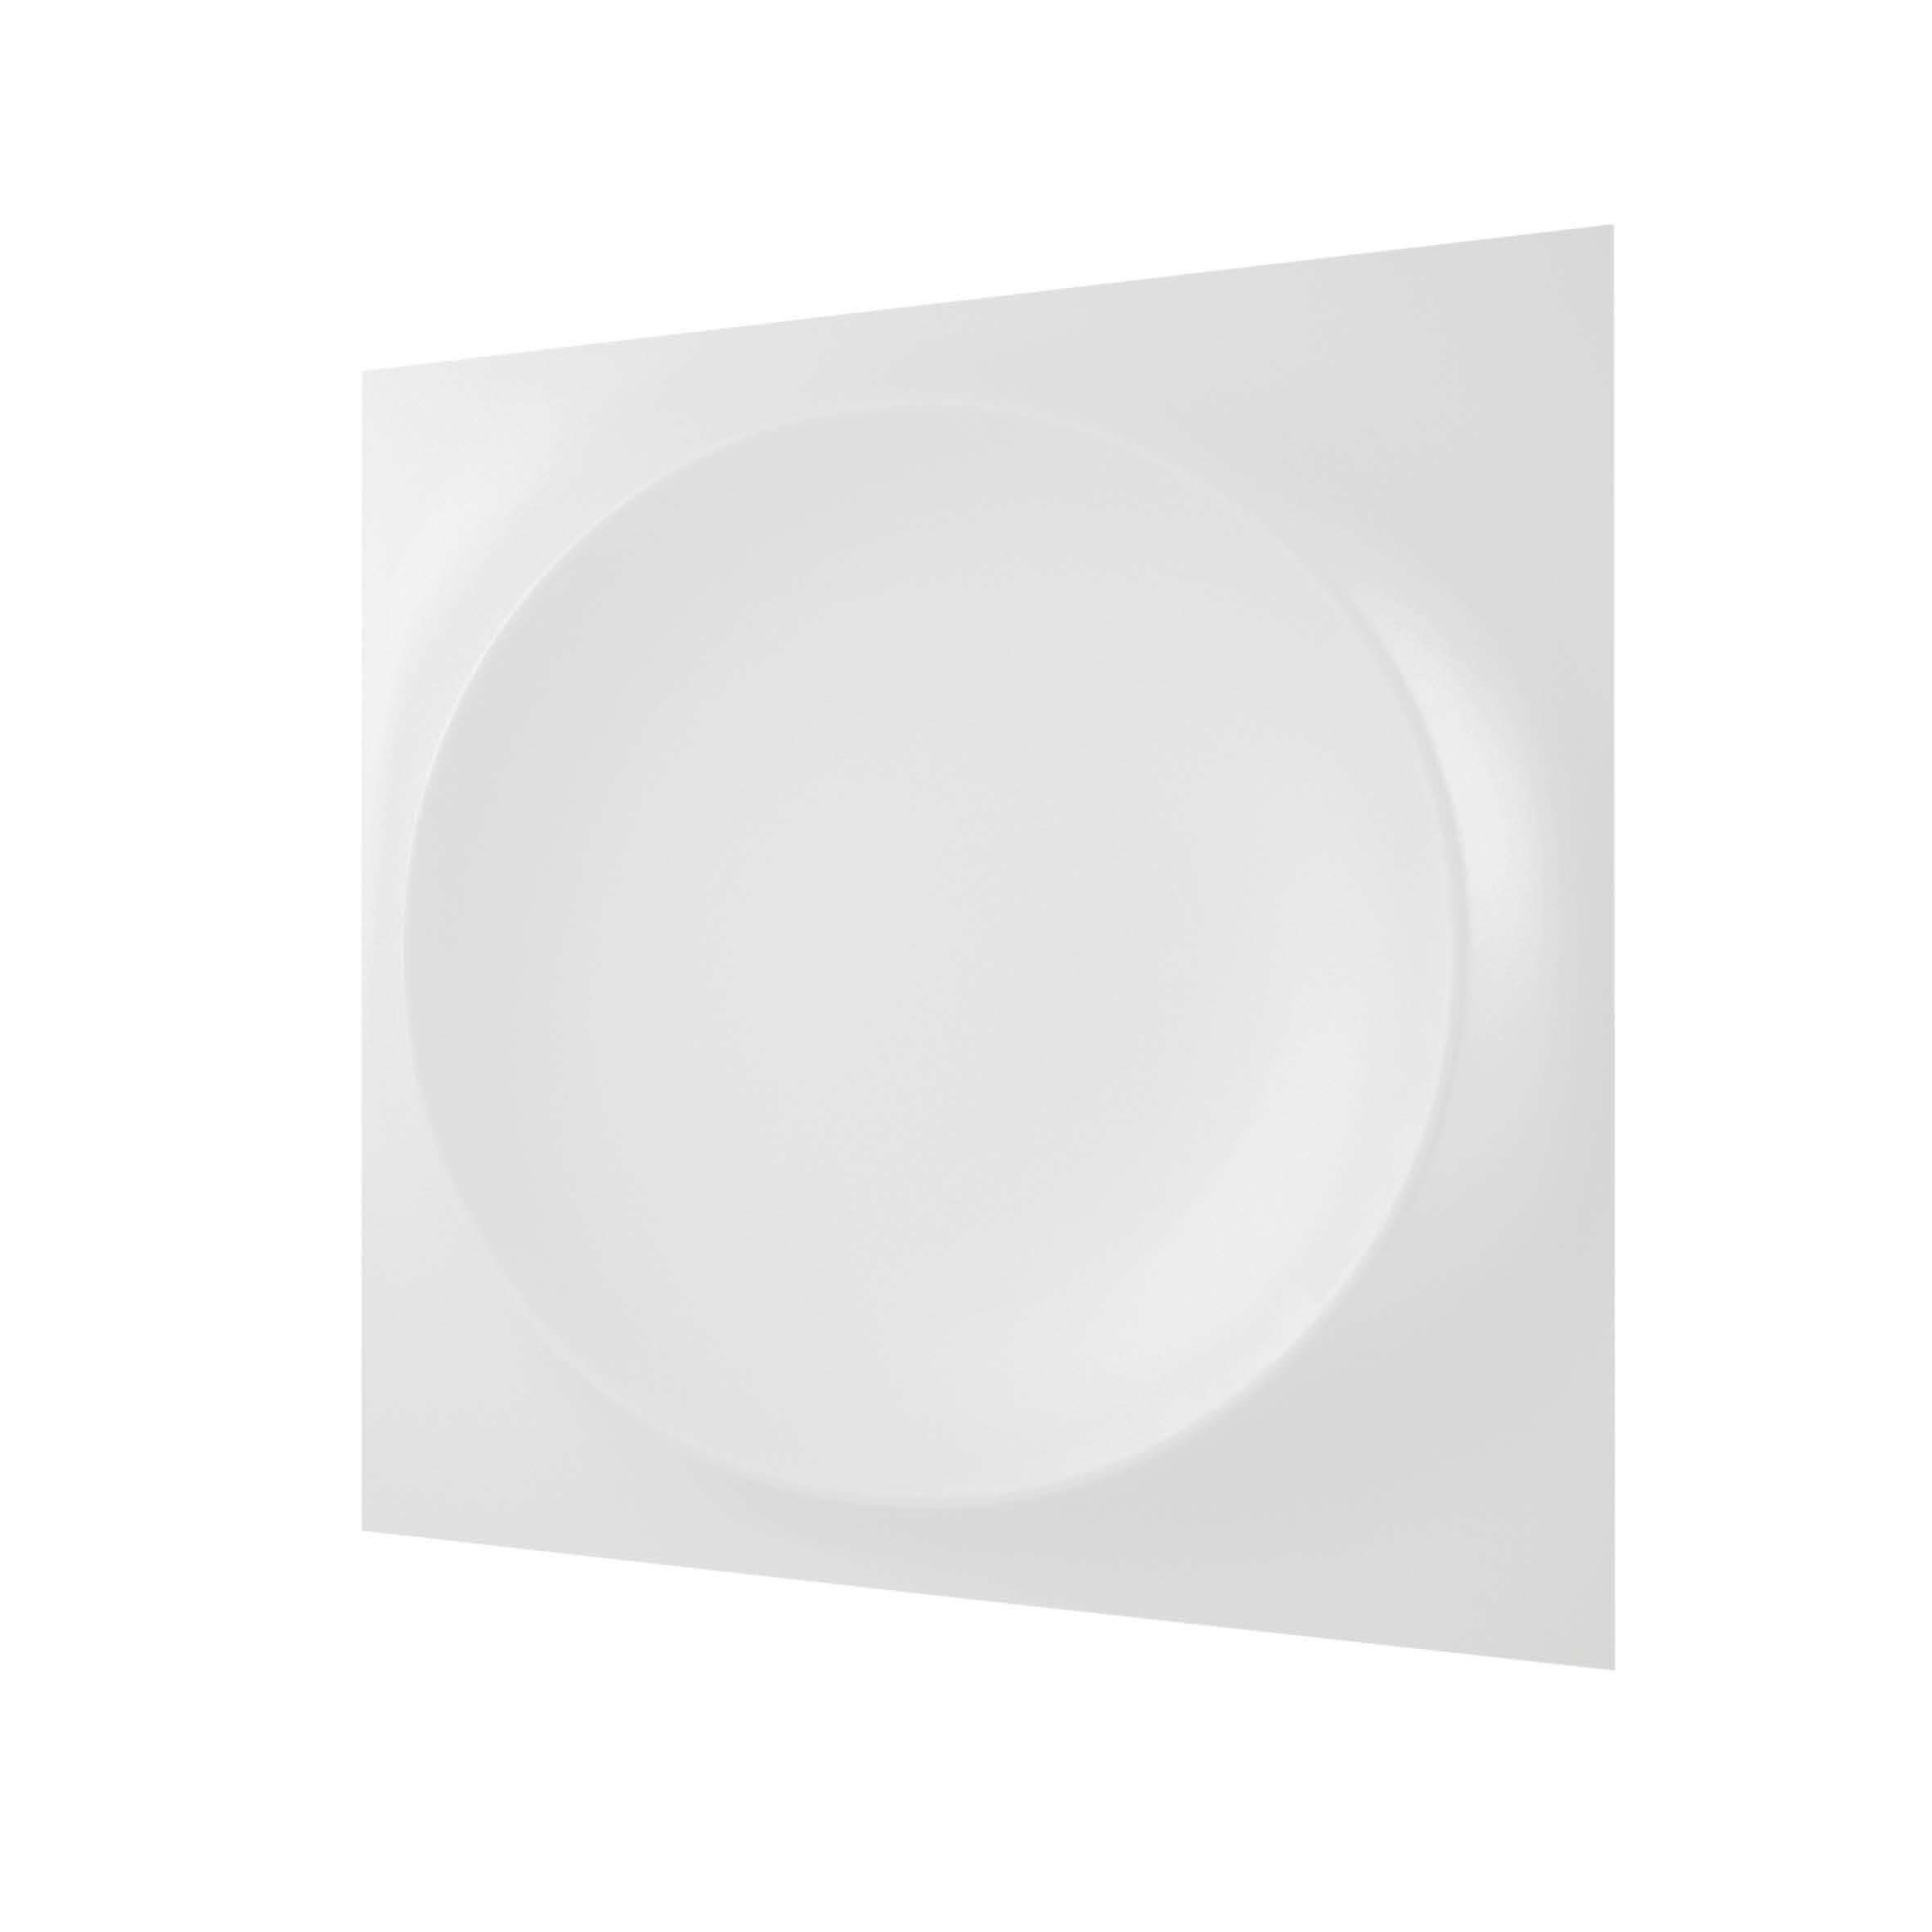 wow design biała plytka na ściane płytka dekoracyjna